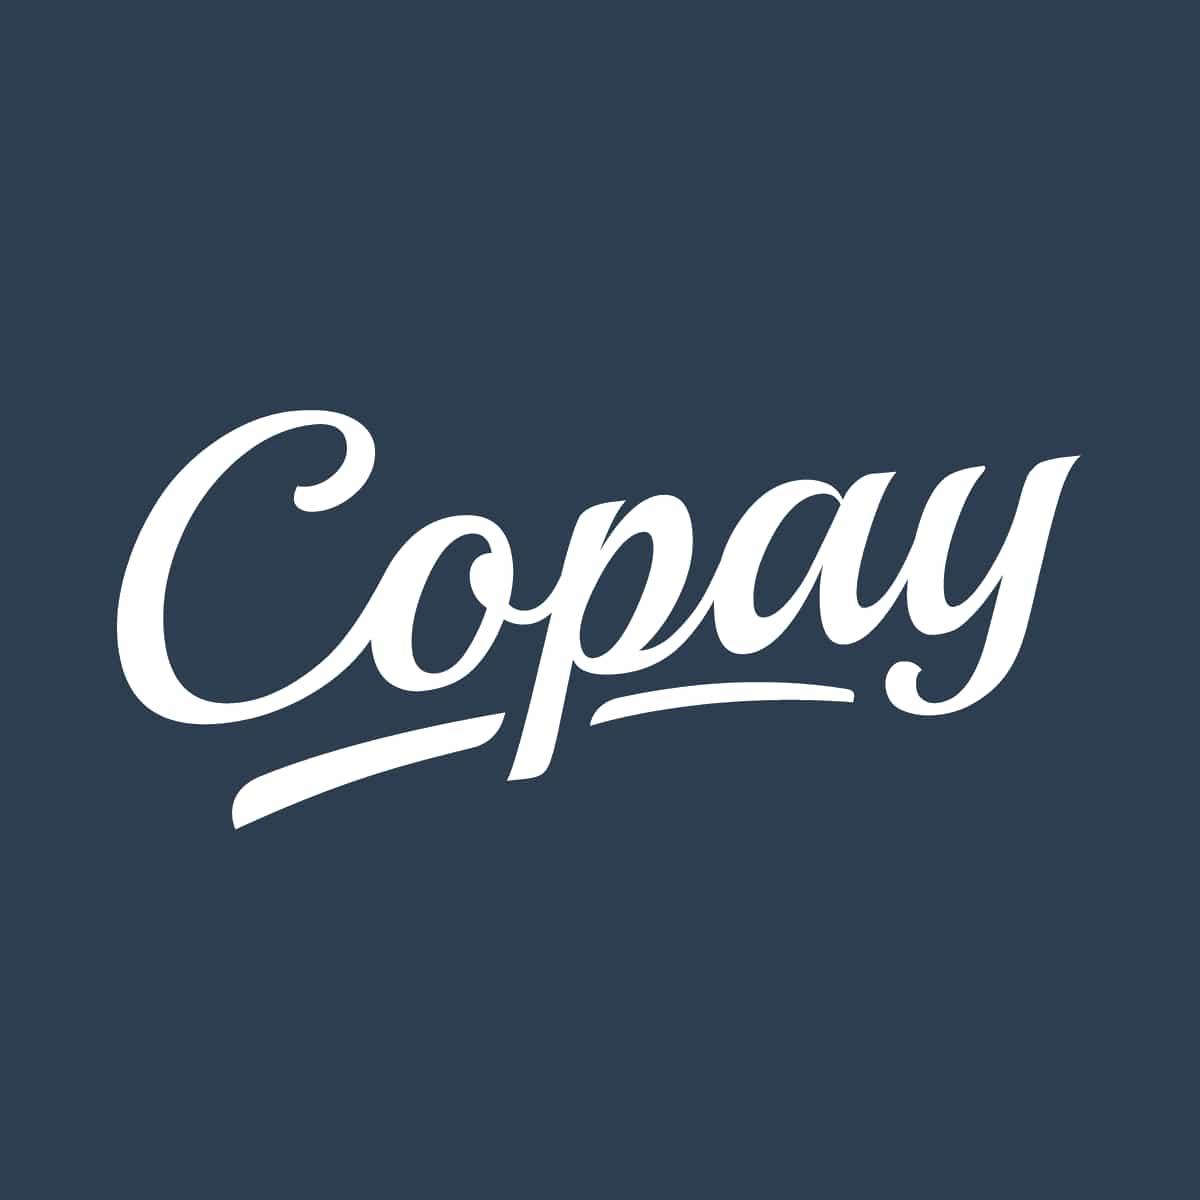 Copay Wallet